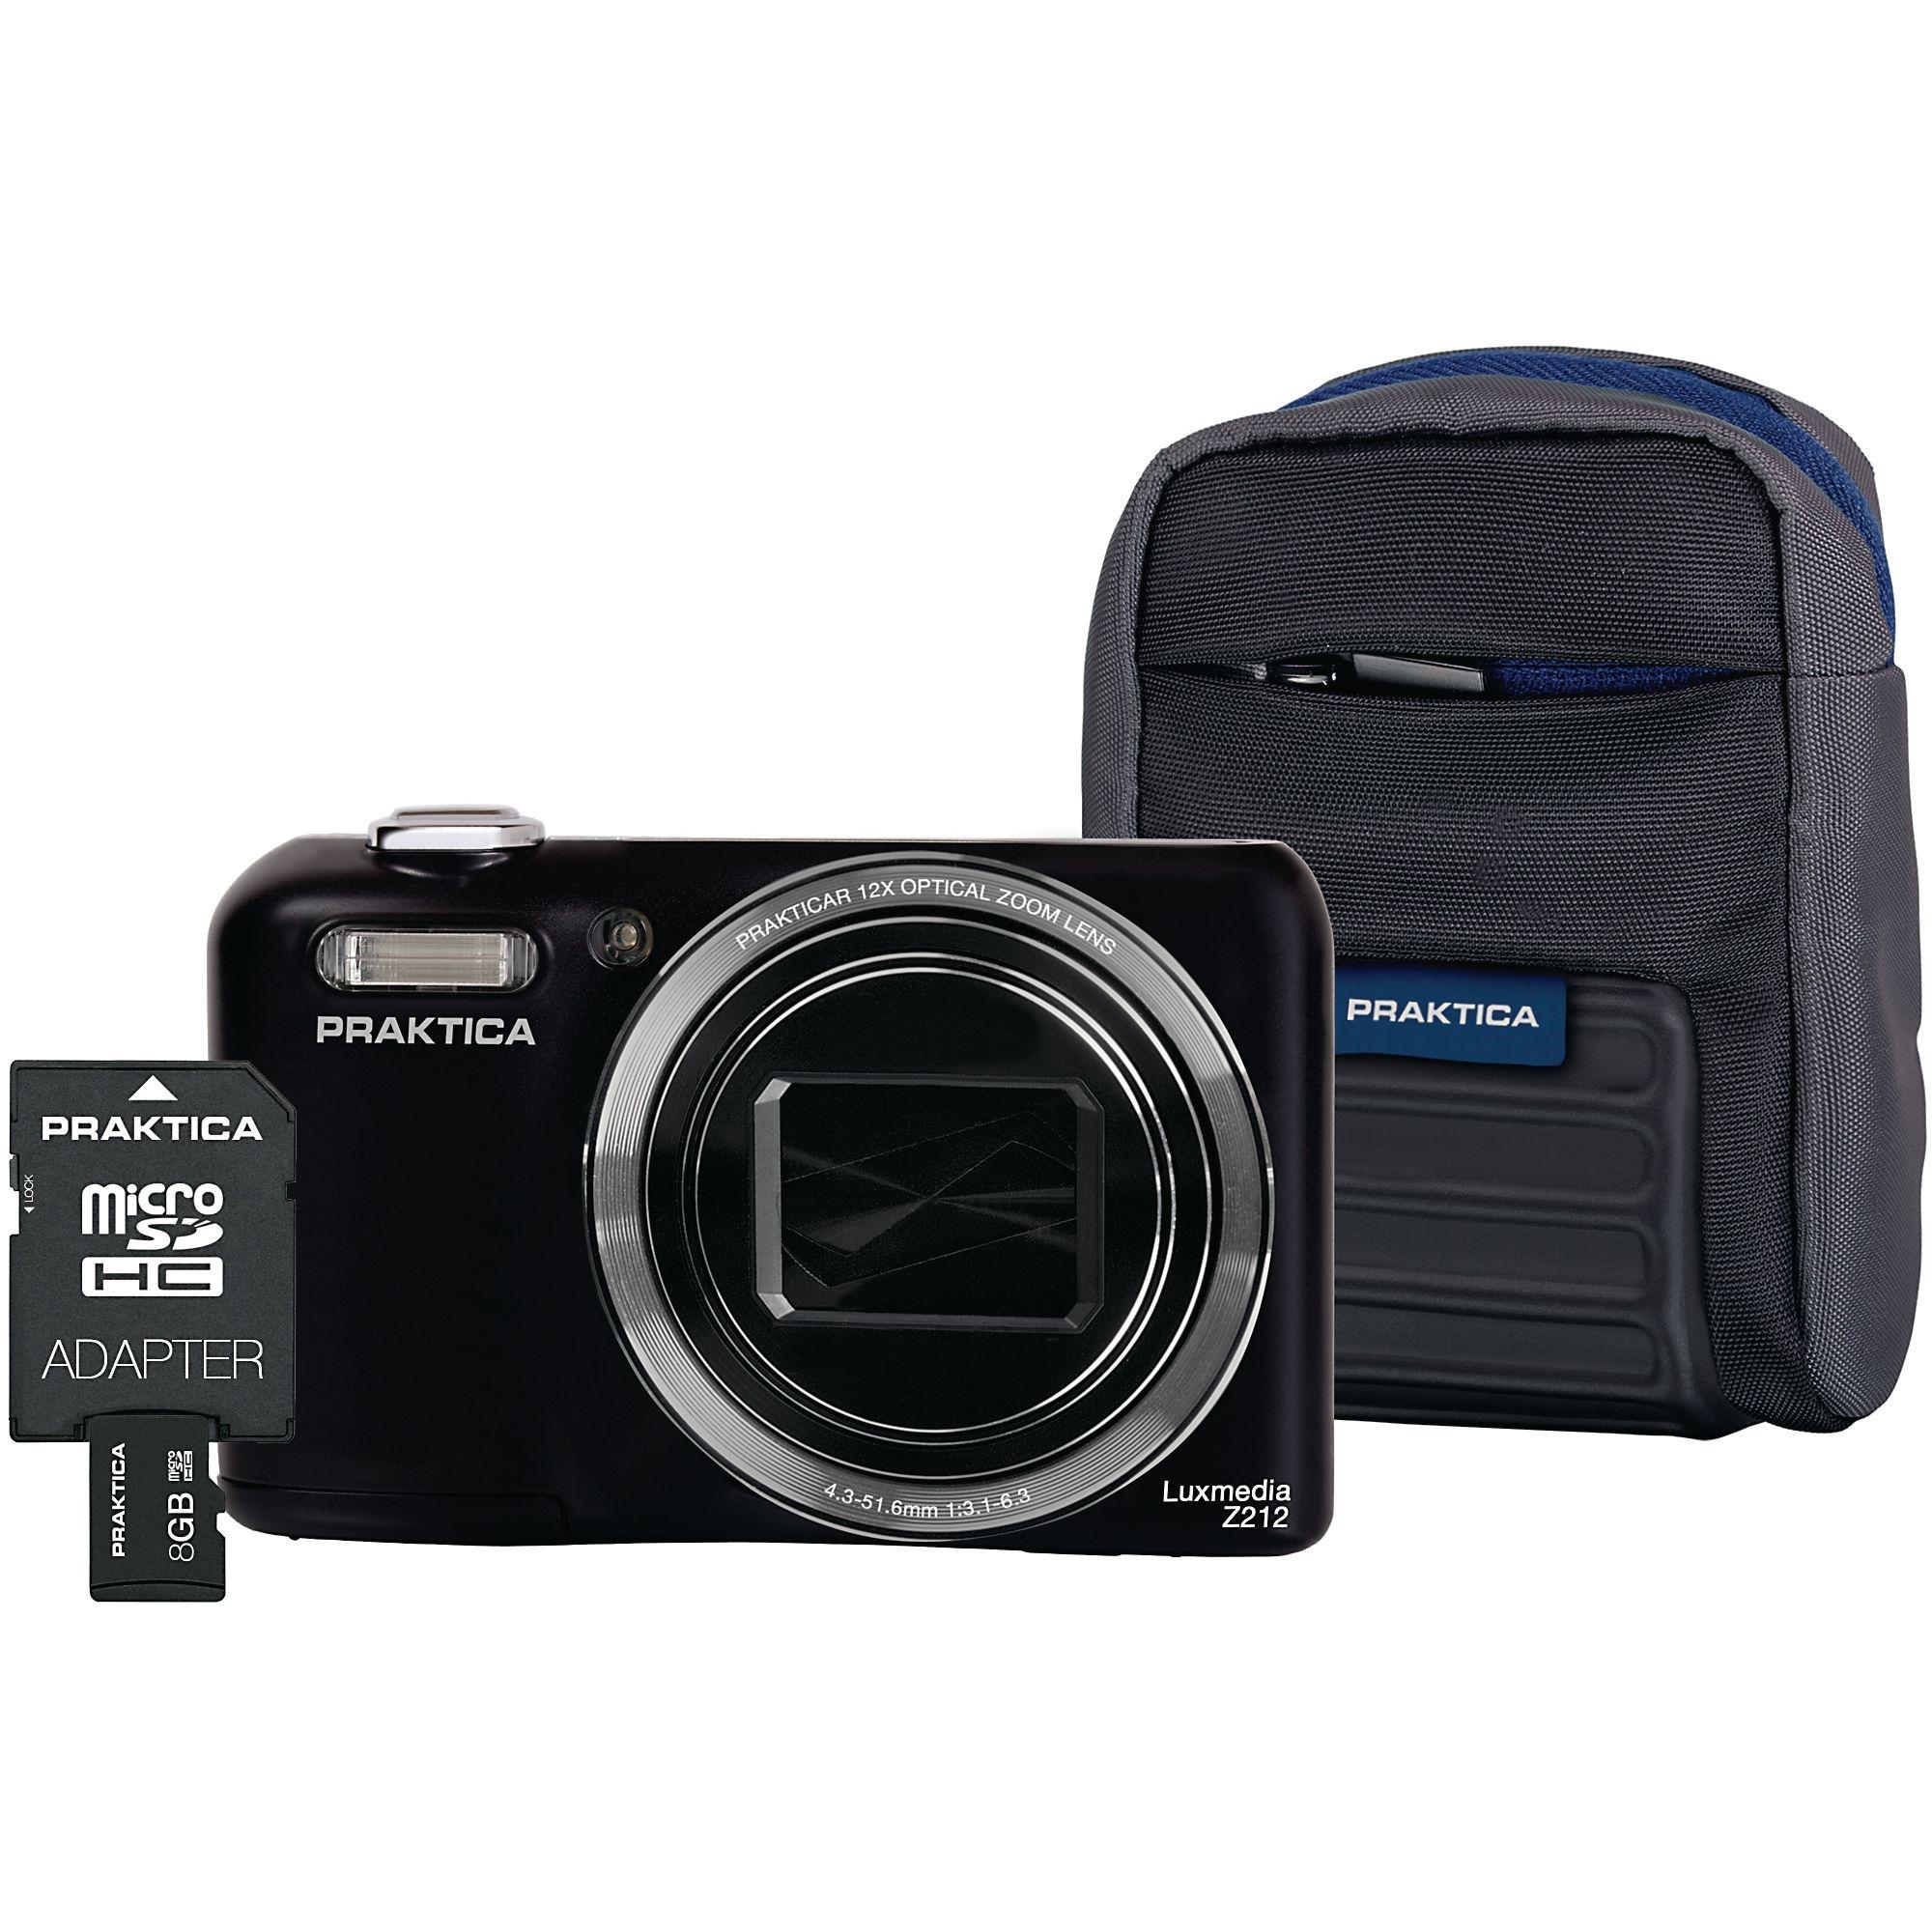 Praktica Luxmedia Z212 Camera Kit Black